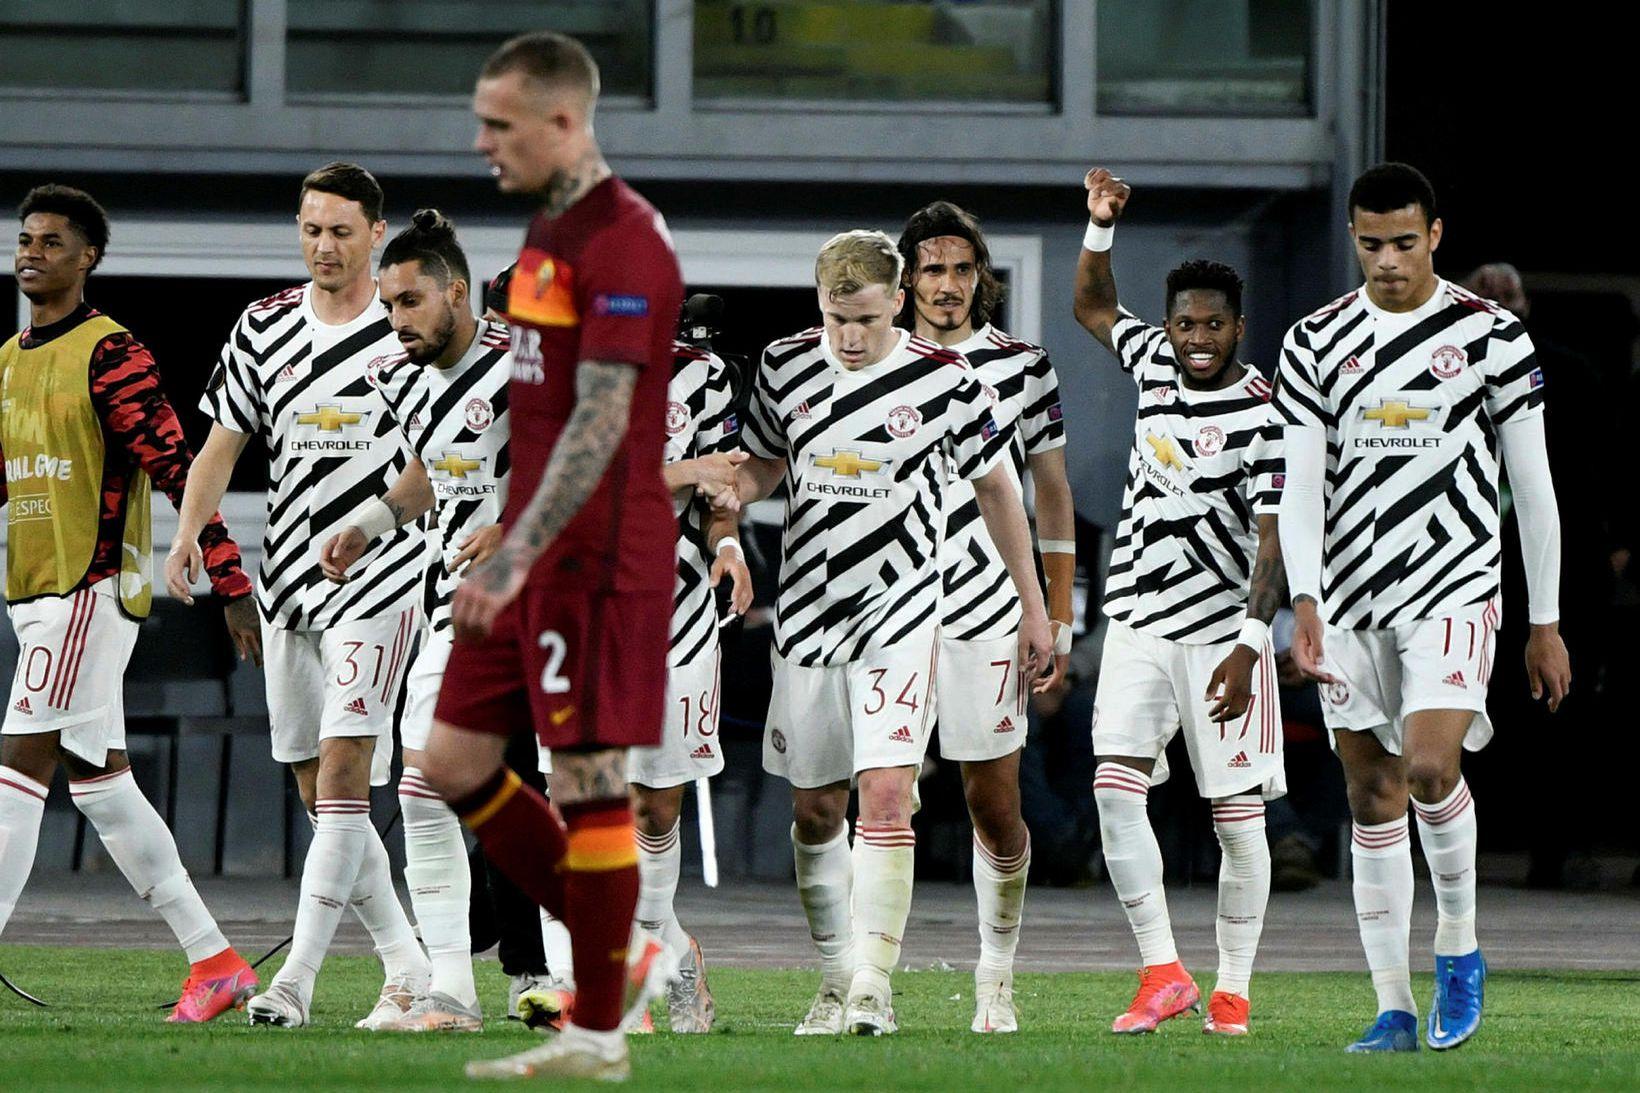 Manchester United tapaði í Róm en það kom ekki að …